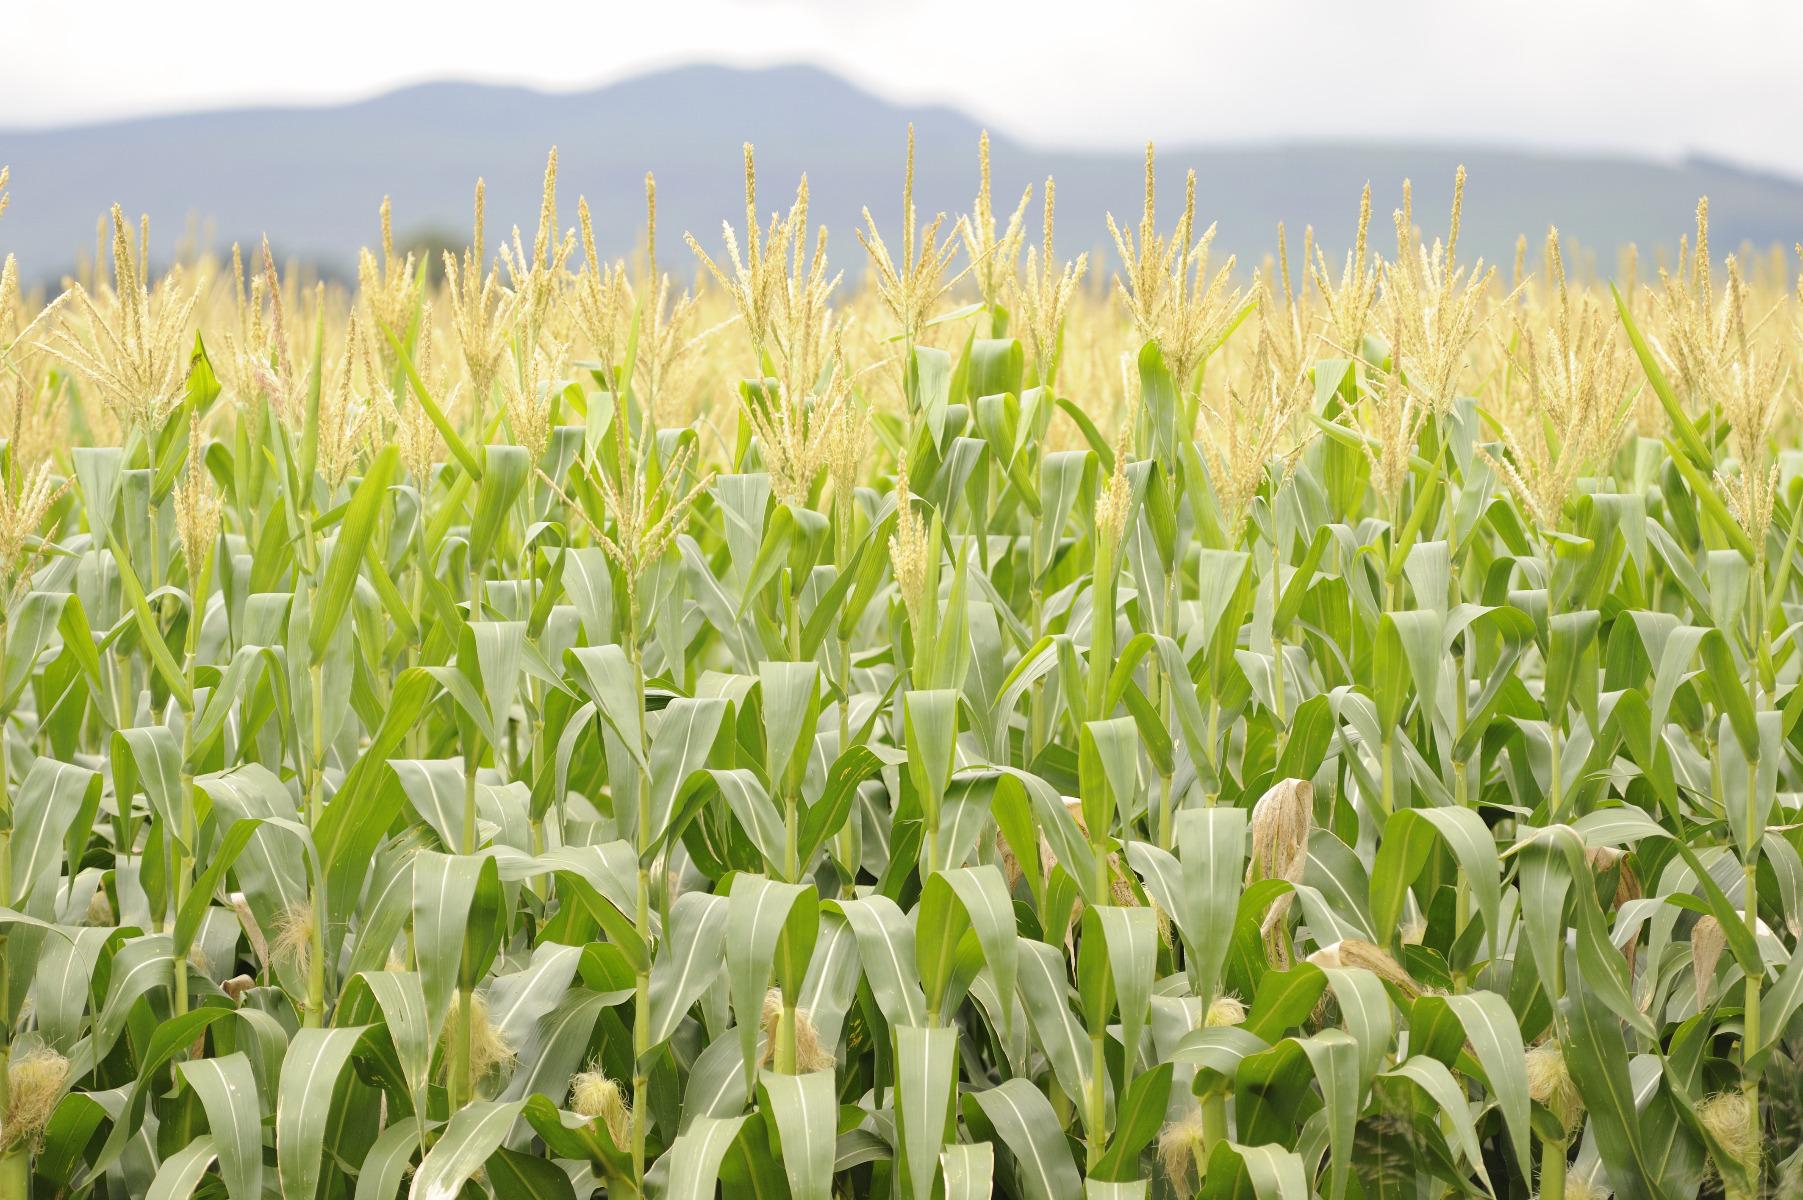 <em>Pantoea stewartii</em> subsp. <em>stewartii</em> - maize seeds